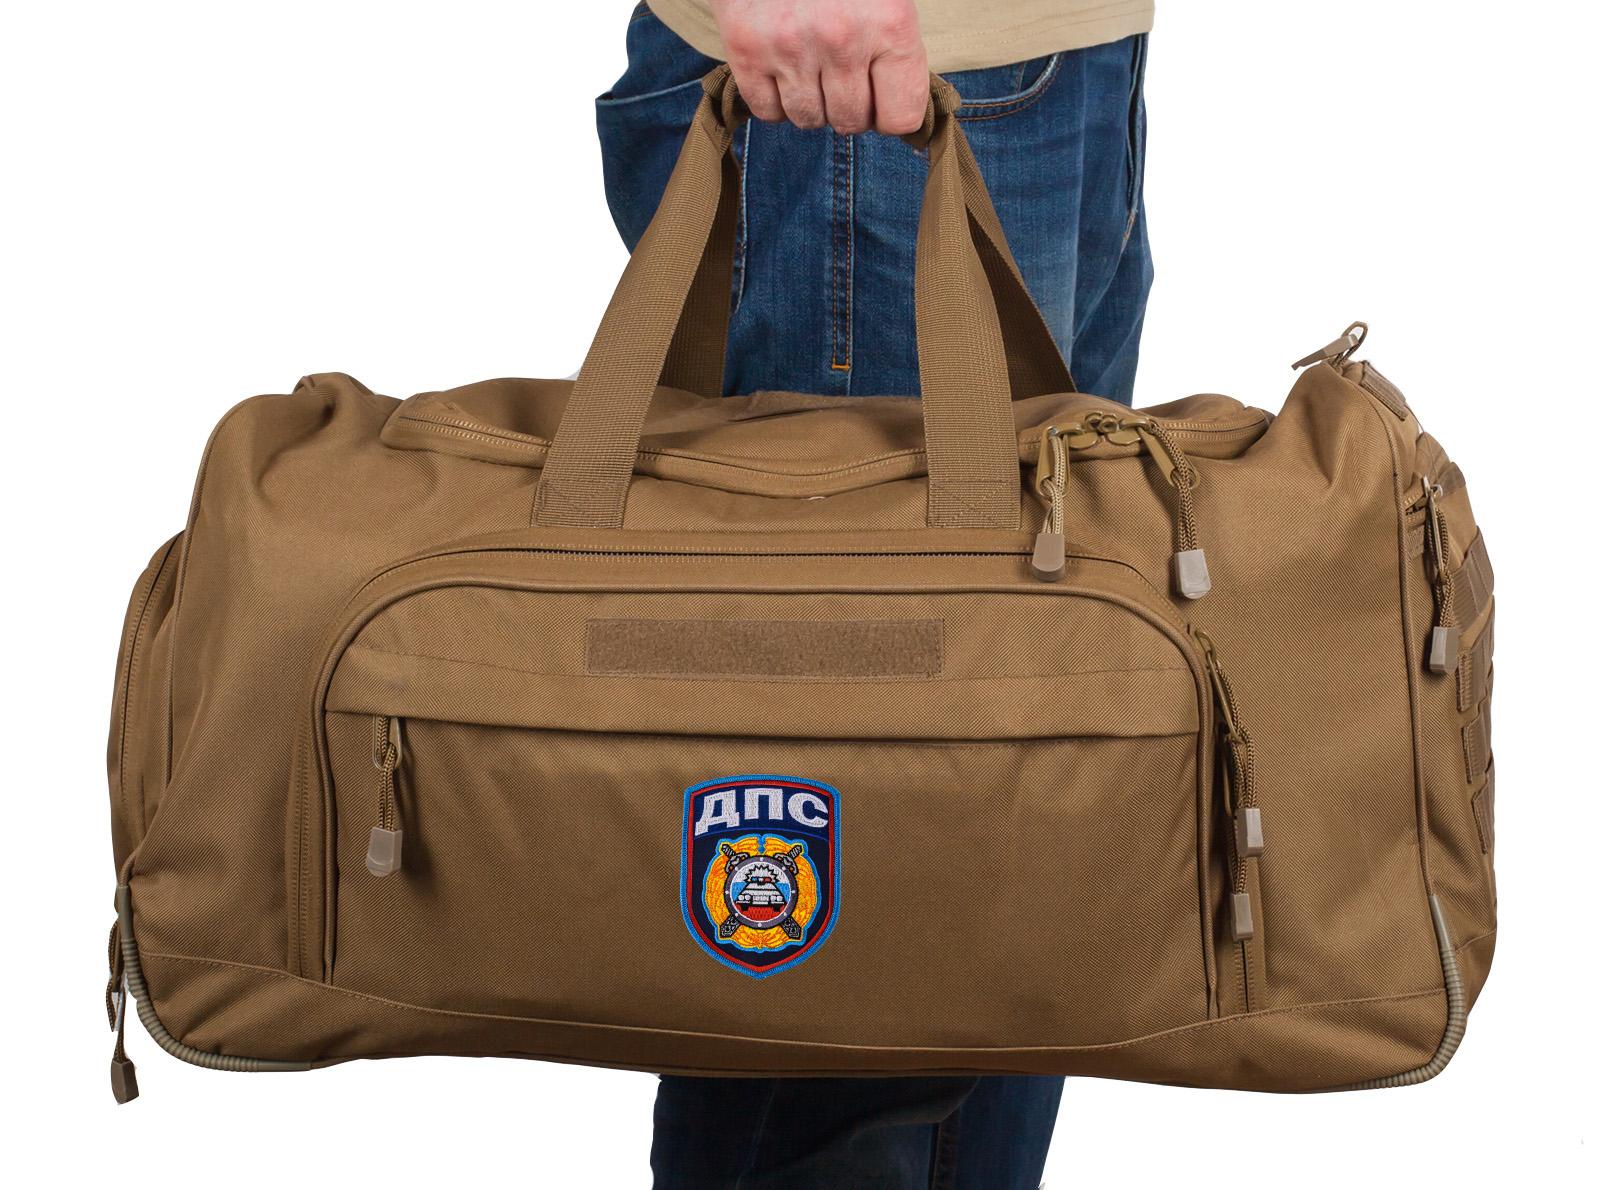 Купить надежную эргономичную сумку 08032B Coyote с нашивкой ДПС в подарок с доставкой